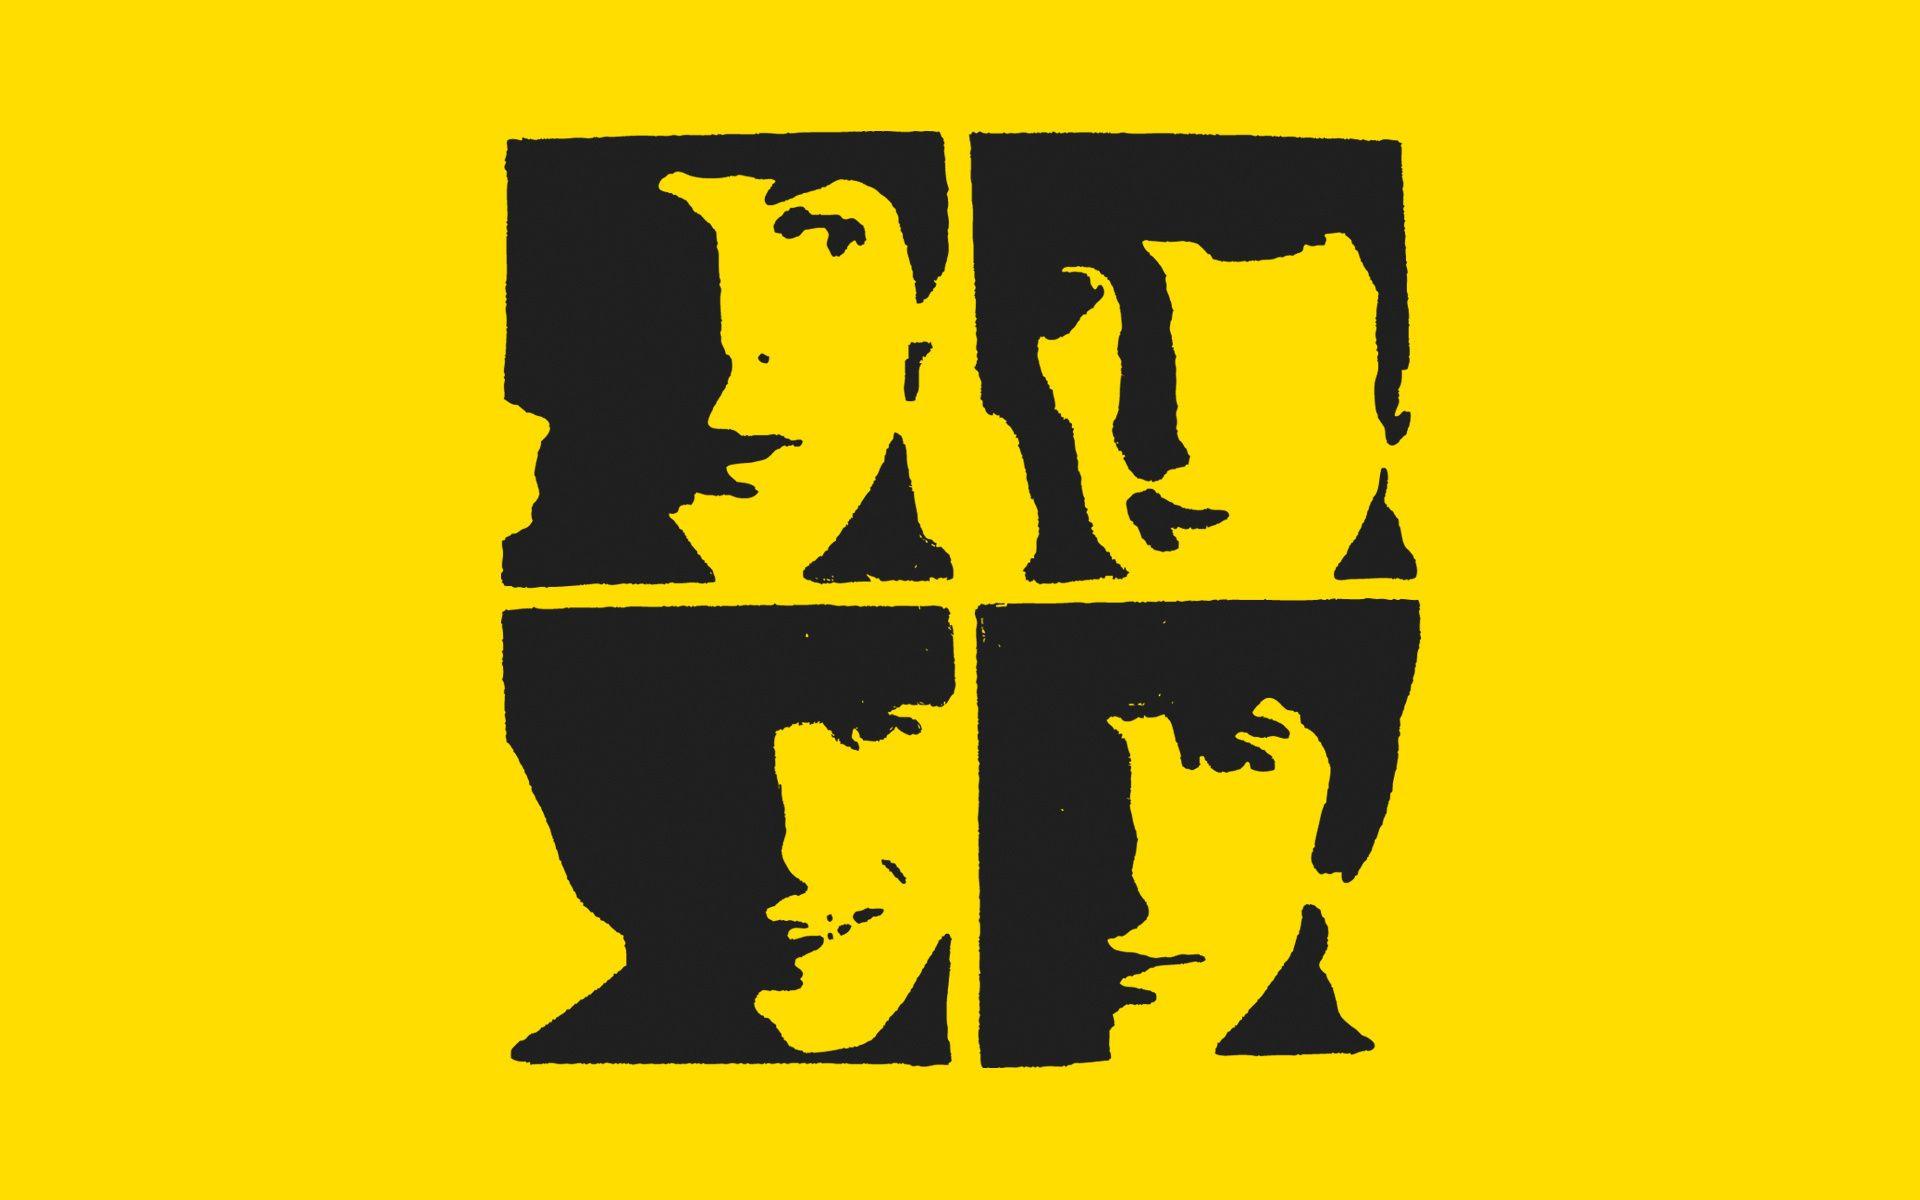 Fantastic Wallpaper Logo The Beatles - 043b2875ec57f8bd72092cc0a93a5ec0  Gallery_158275.jpg